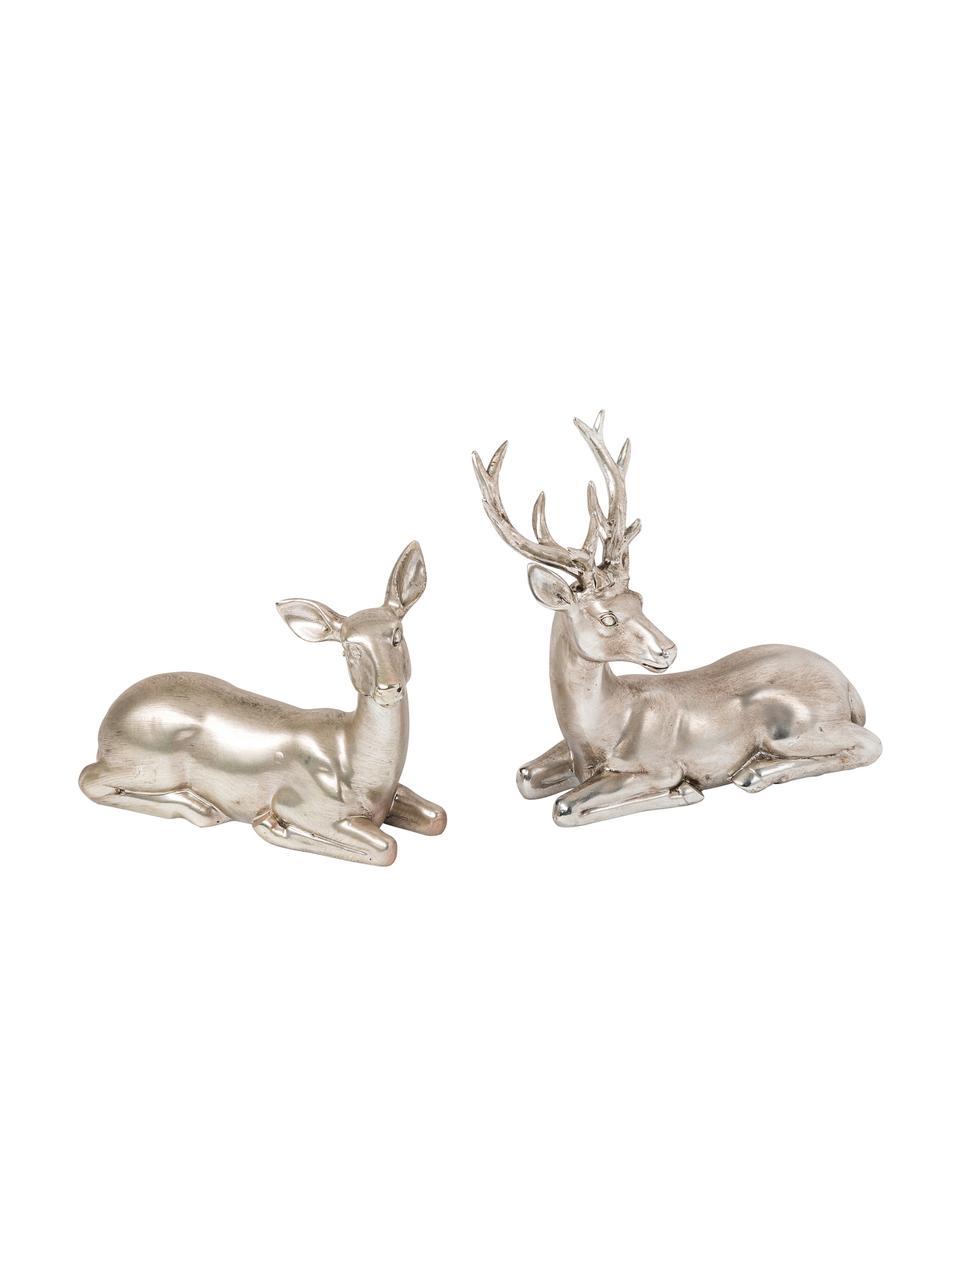 Deko-Hirsche Silver Forrest in Silber H 15 cm, 2 Stück, Kunstharz, Silberfarben, Antik-Finish, 15 x 15 cm